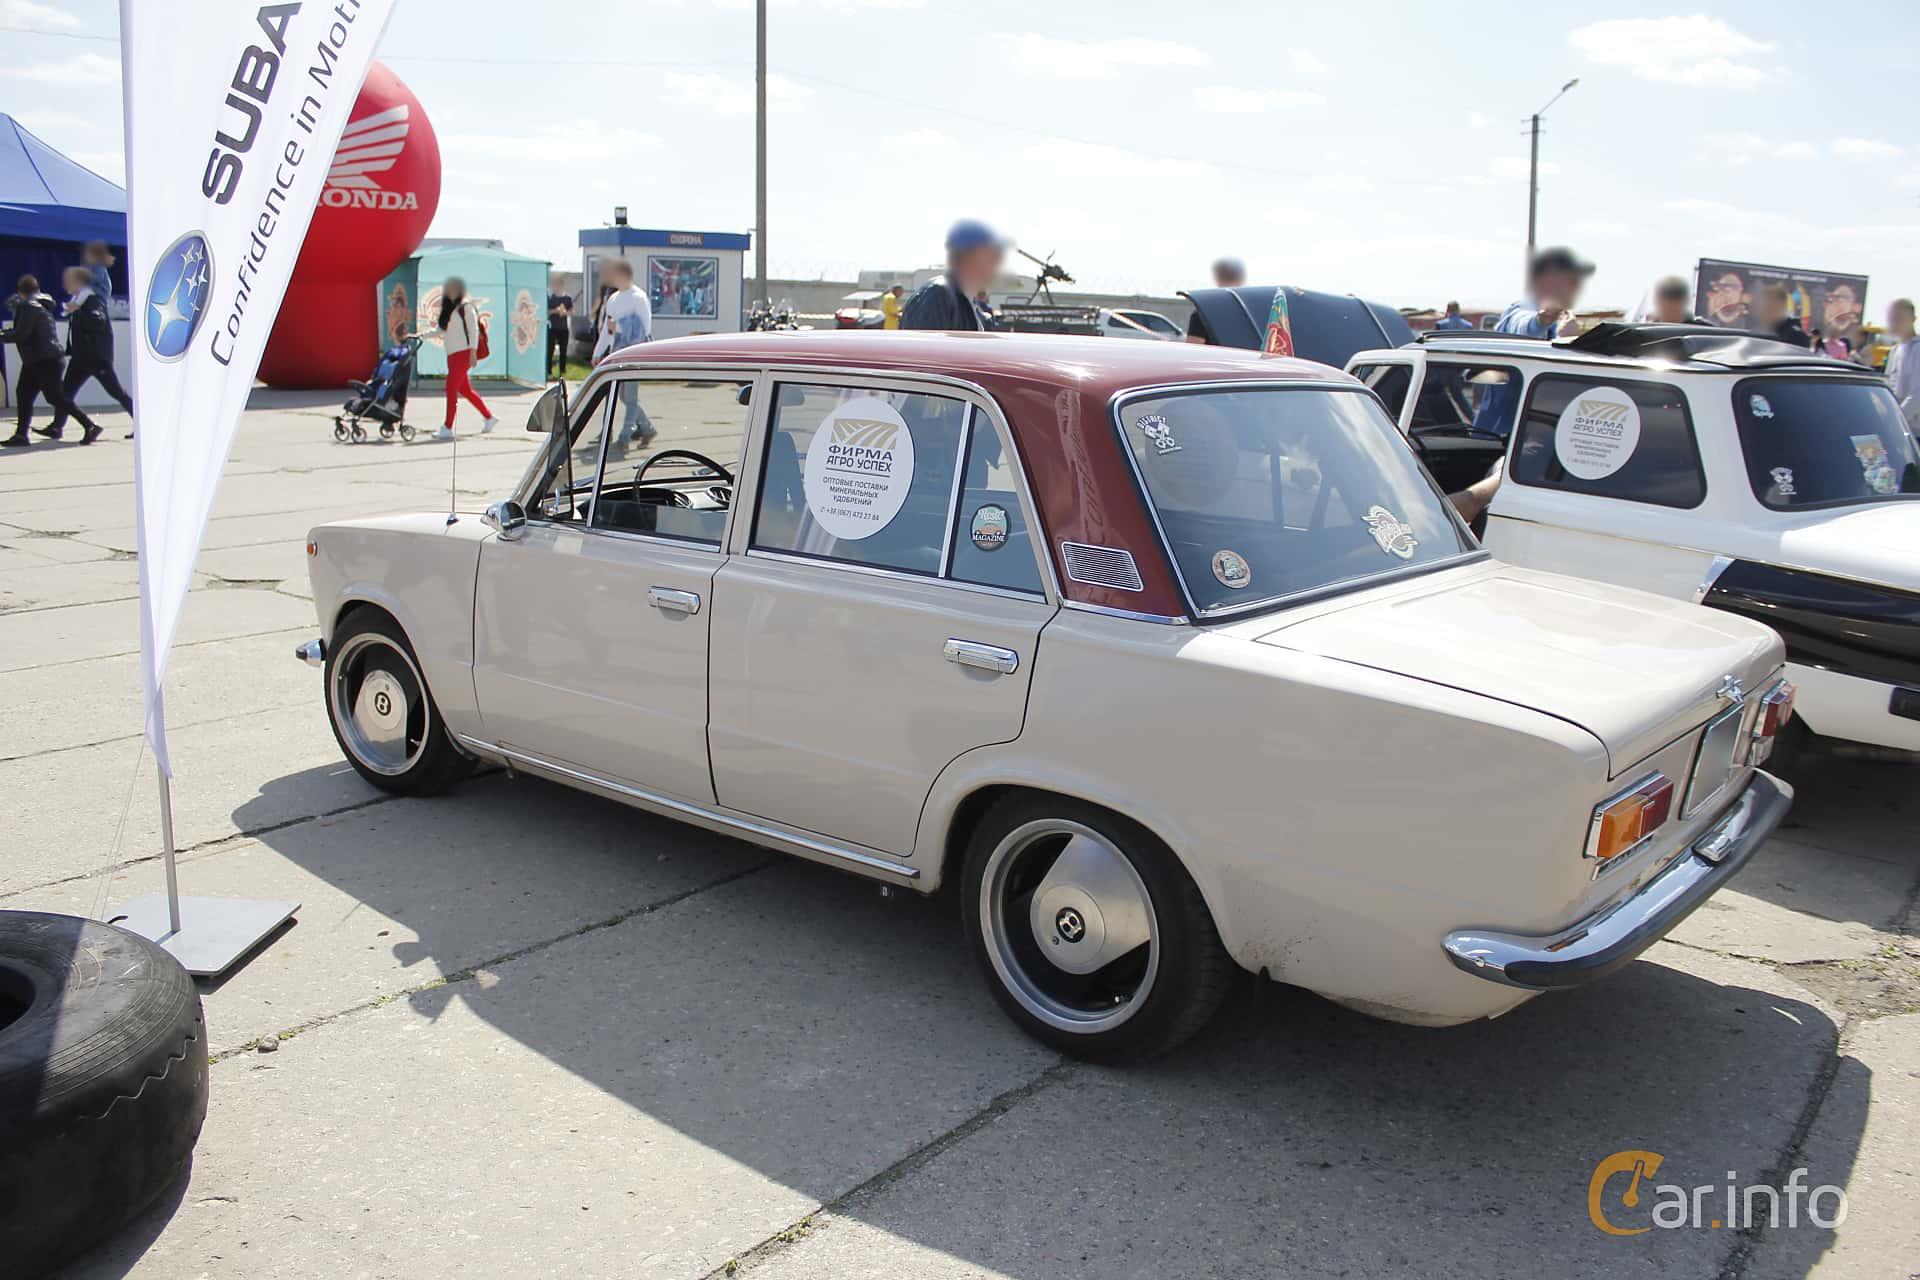 VAZ VAZ-21013 1.2 Manual, 63hp, 1972 at Old Car Land no.1 2018